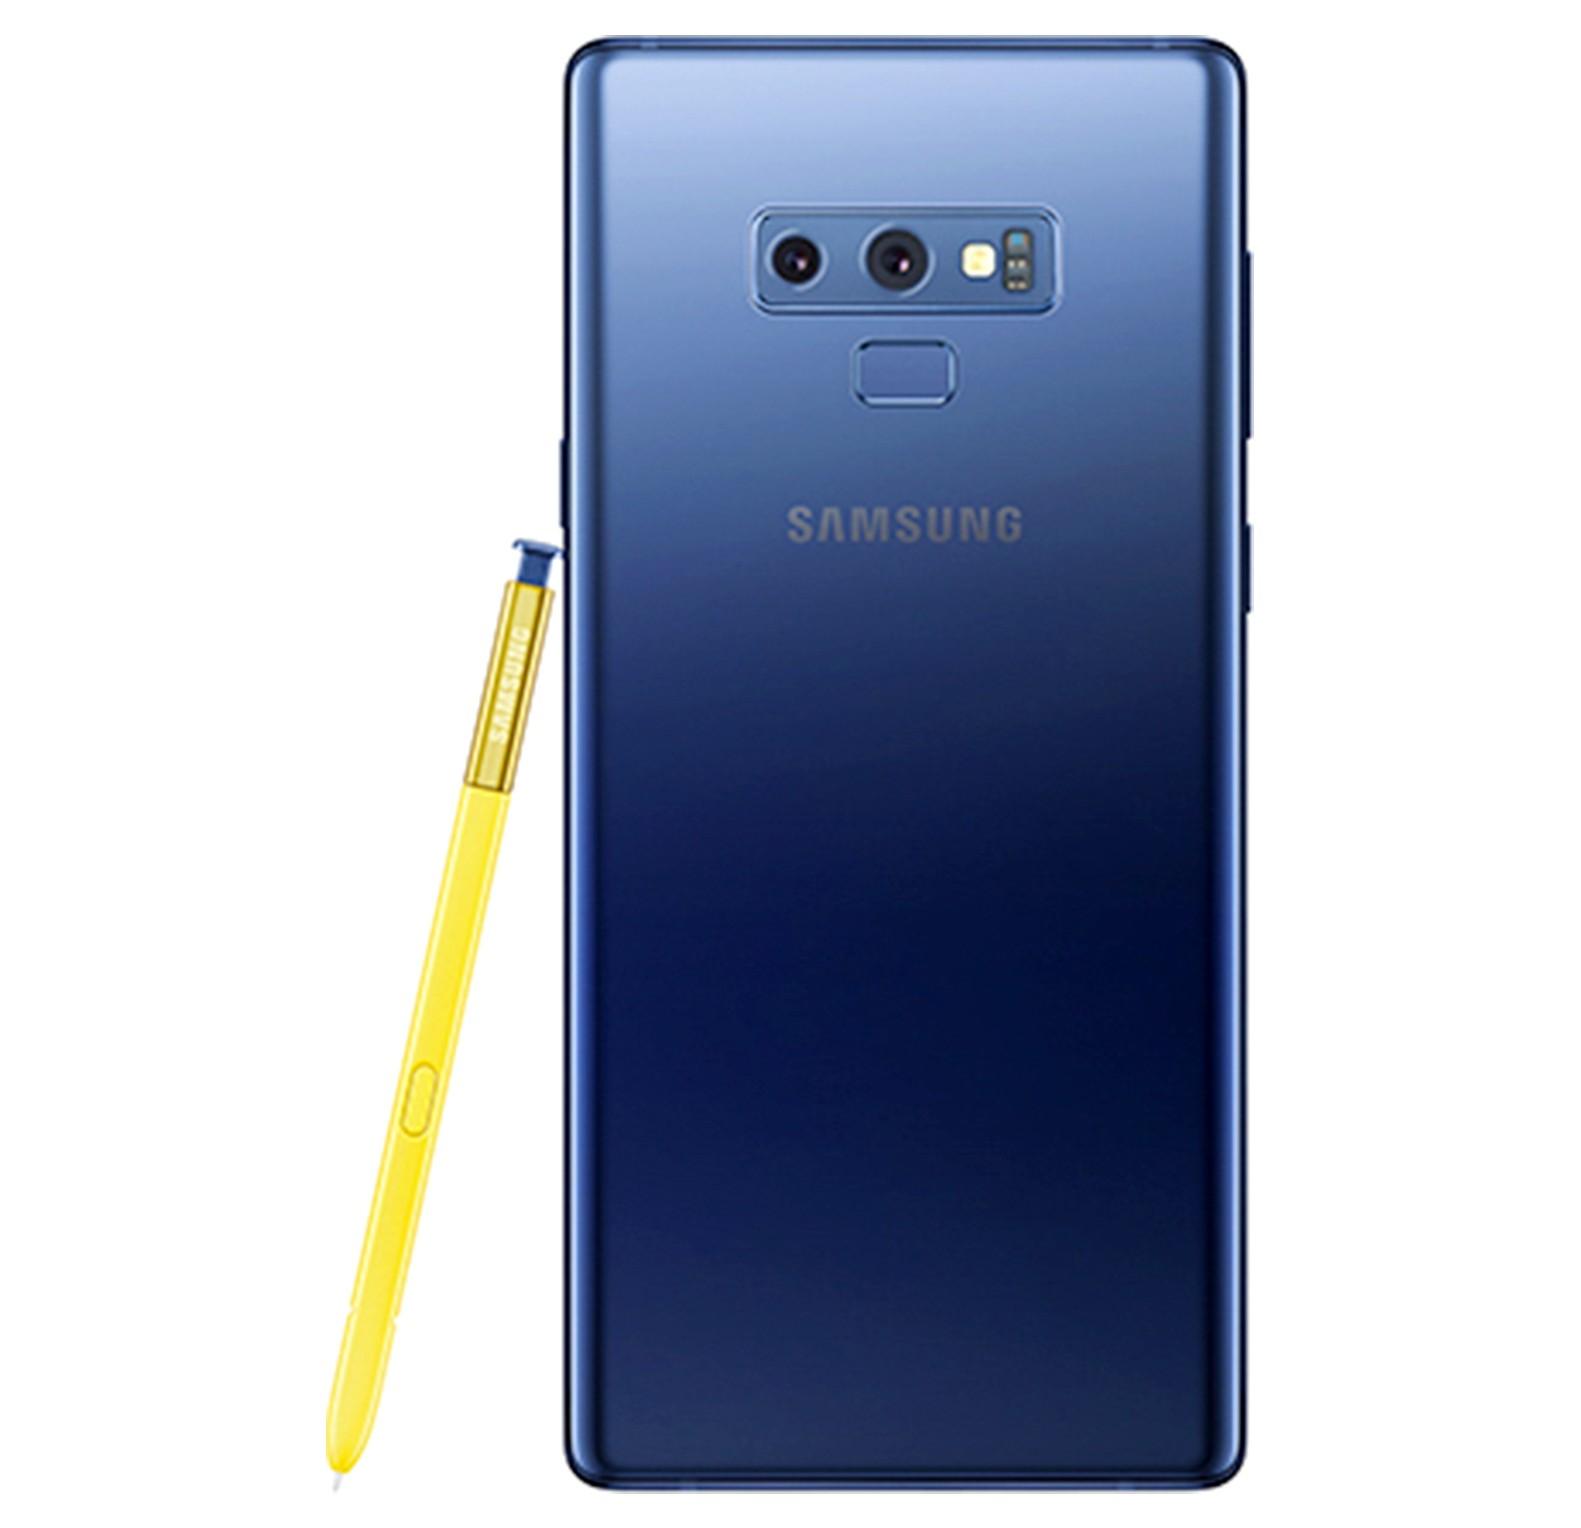 Samsung Galaxy Note 9, Dual SIM, 512GB, 8GB RAM, 4G LTE, Lavender Blue.